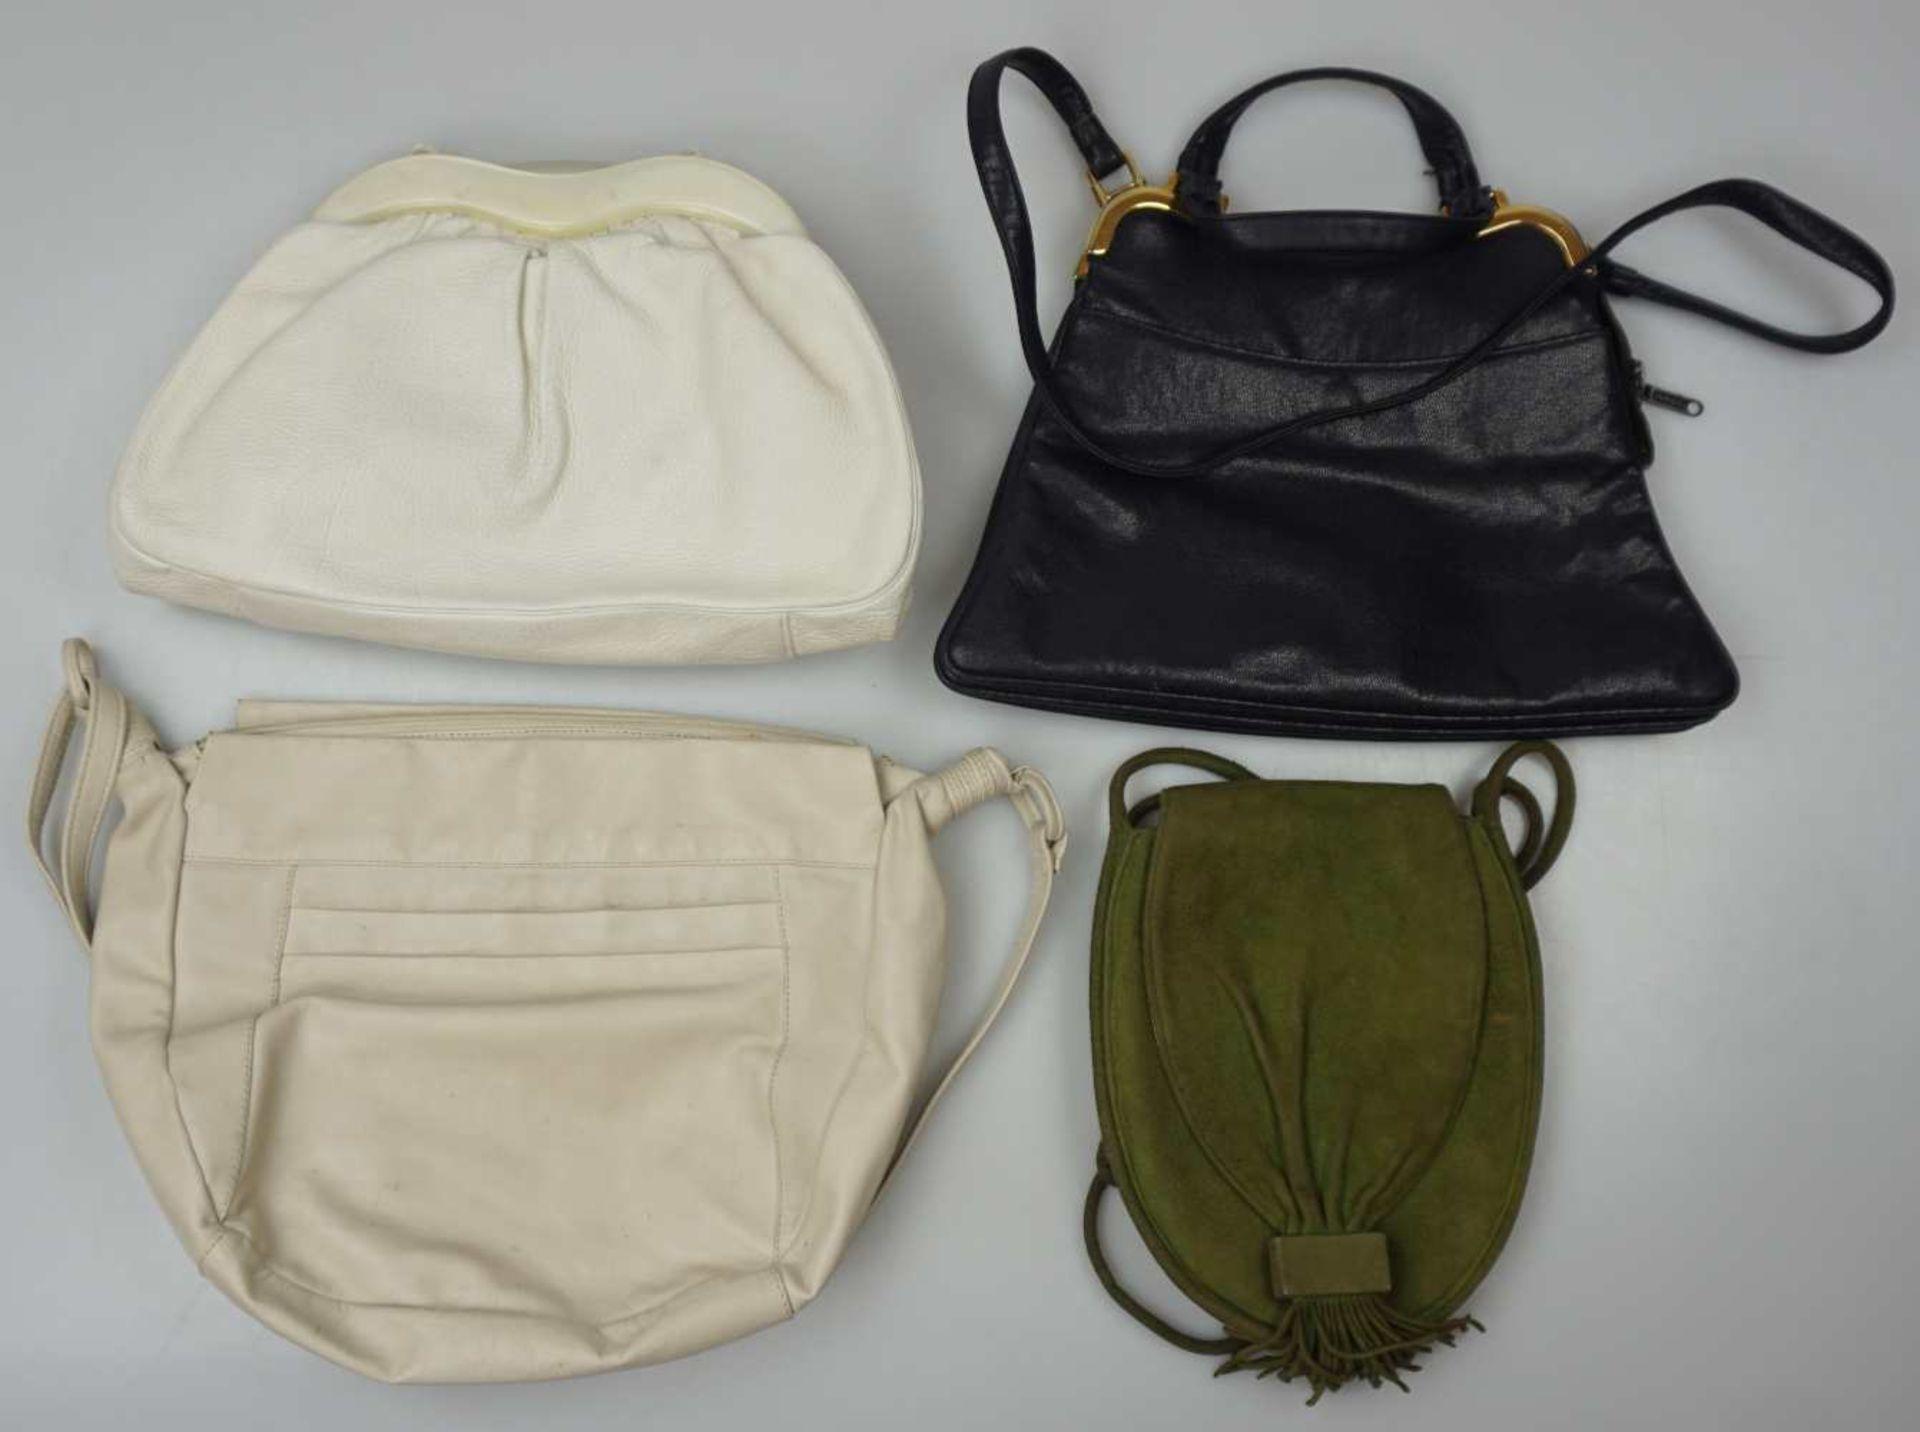 1 Konv. Hand-/Abendtaschen Straußenleder, Leder, Textil u.a. Gsp. - Bild 4 aus 5